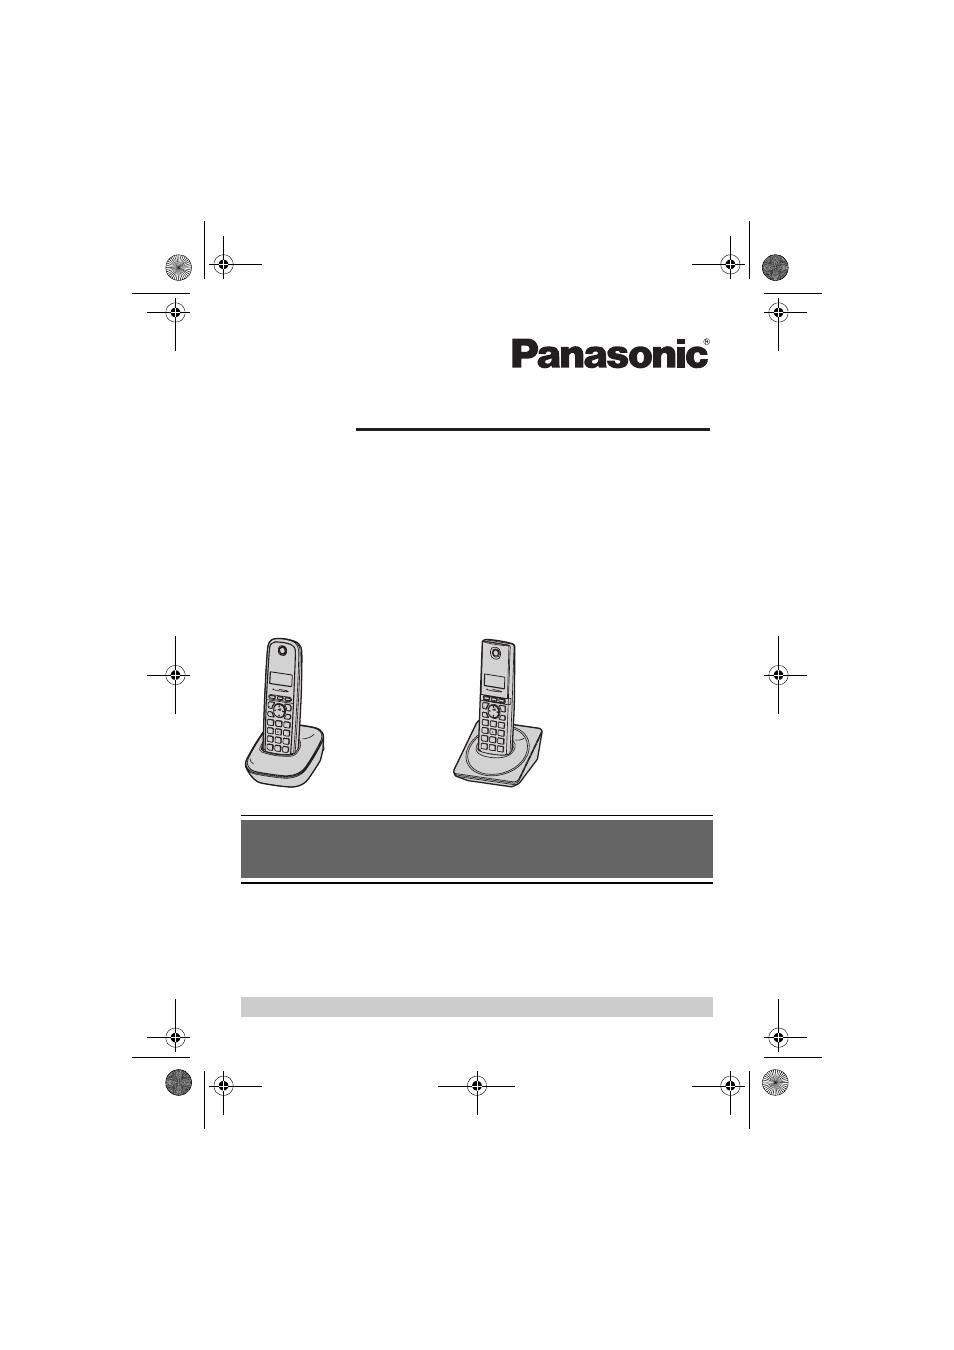 Телефон Panasonic Kx Tga161ru инструкция